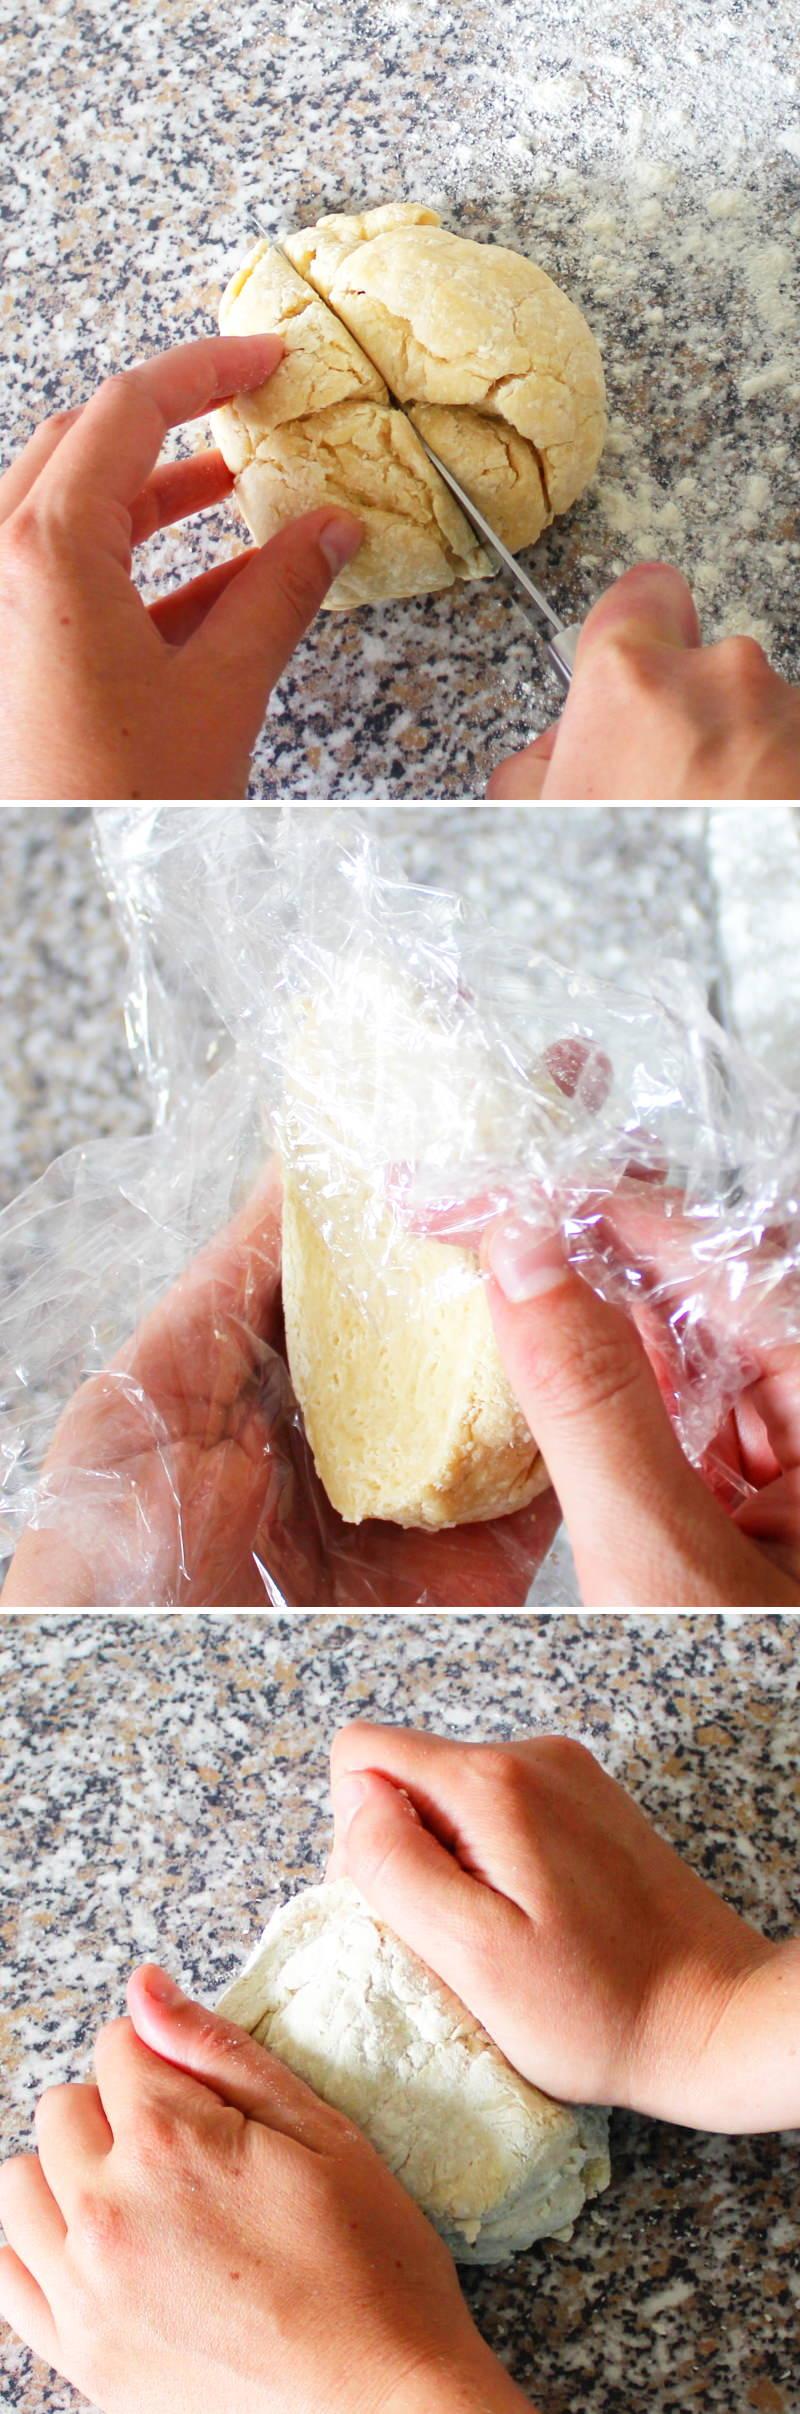 Ramen Nudeln selber machen mit Ei Schritt 6 Teig flach drücken